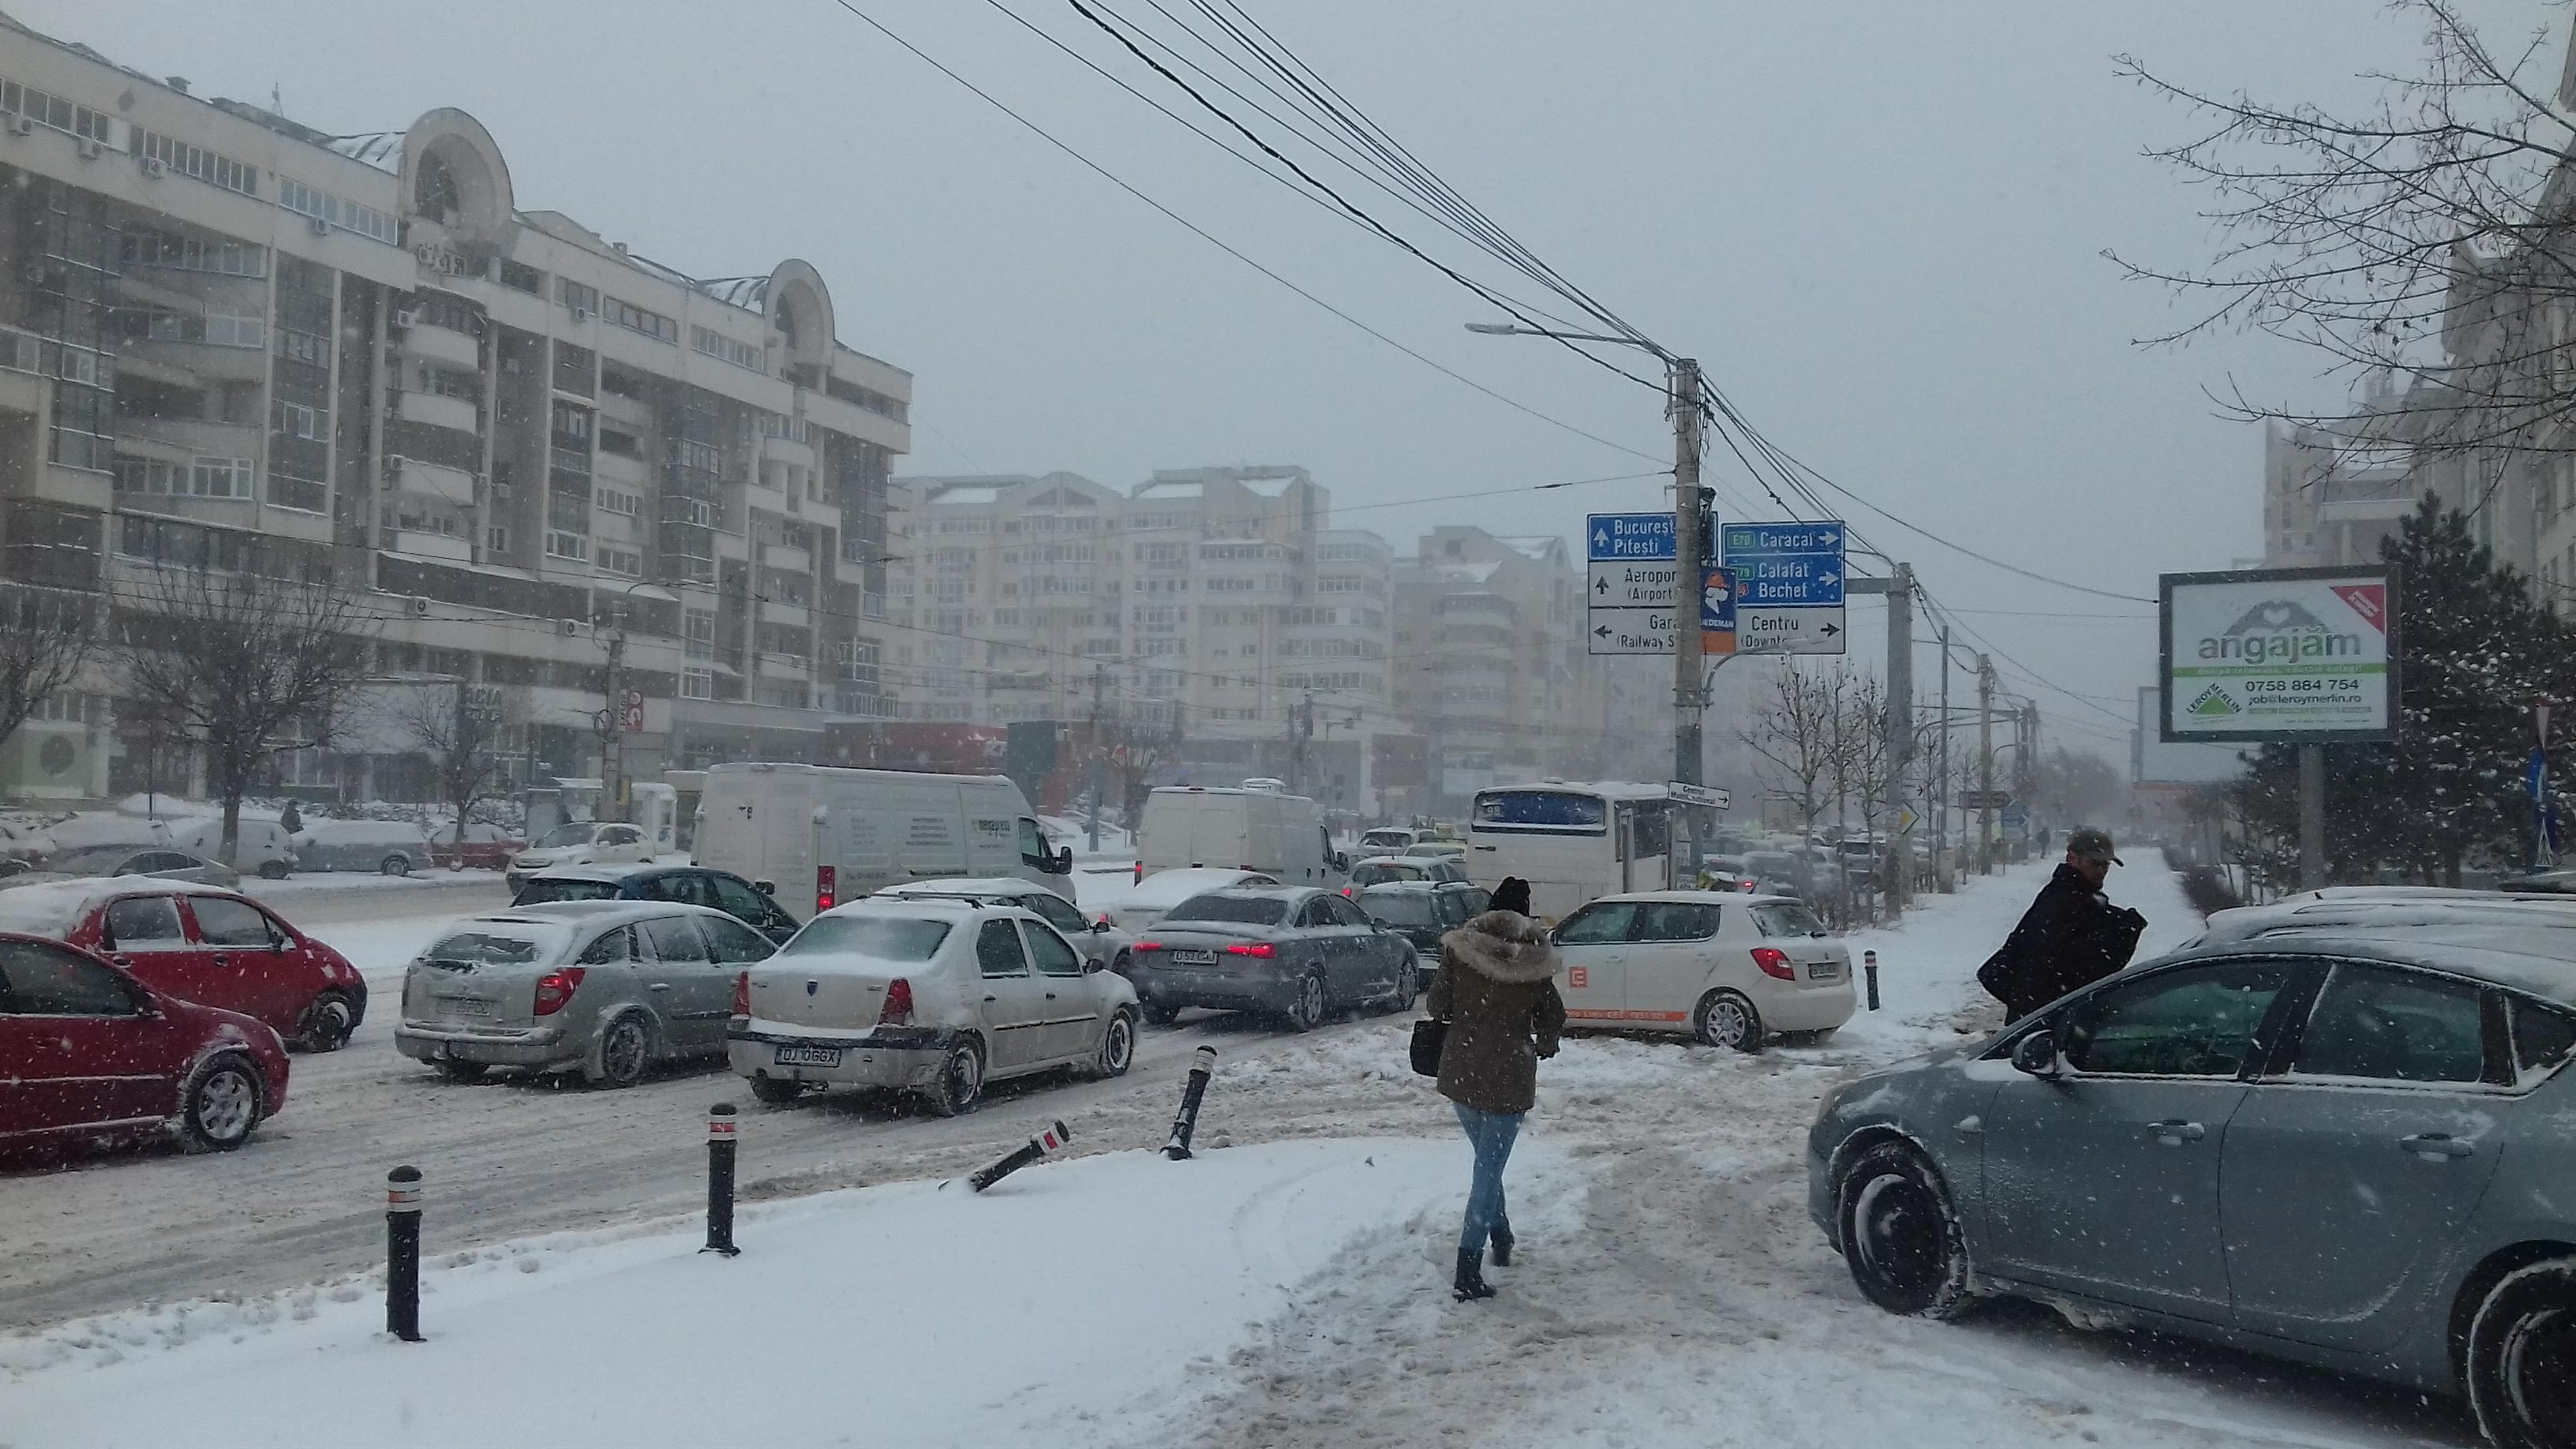 Genoiu: Rog locuitorii Craiovei să evite deplasările care nu sunt absolut necesare pentru a evita astfel producerea de ambuteiaje. Salubritate Craiova: Răspundem sesizărilor la telefonul cetățeanului -0251/984